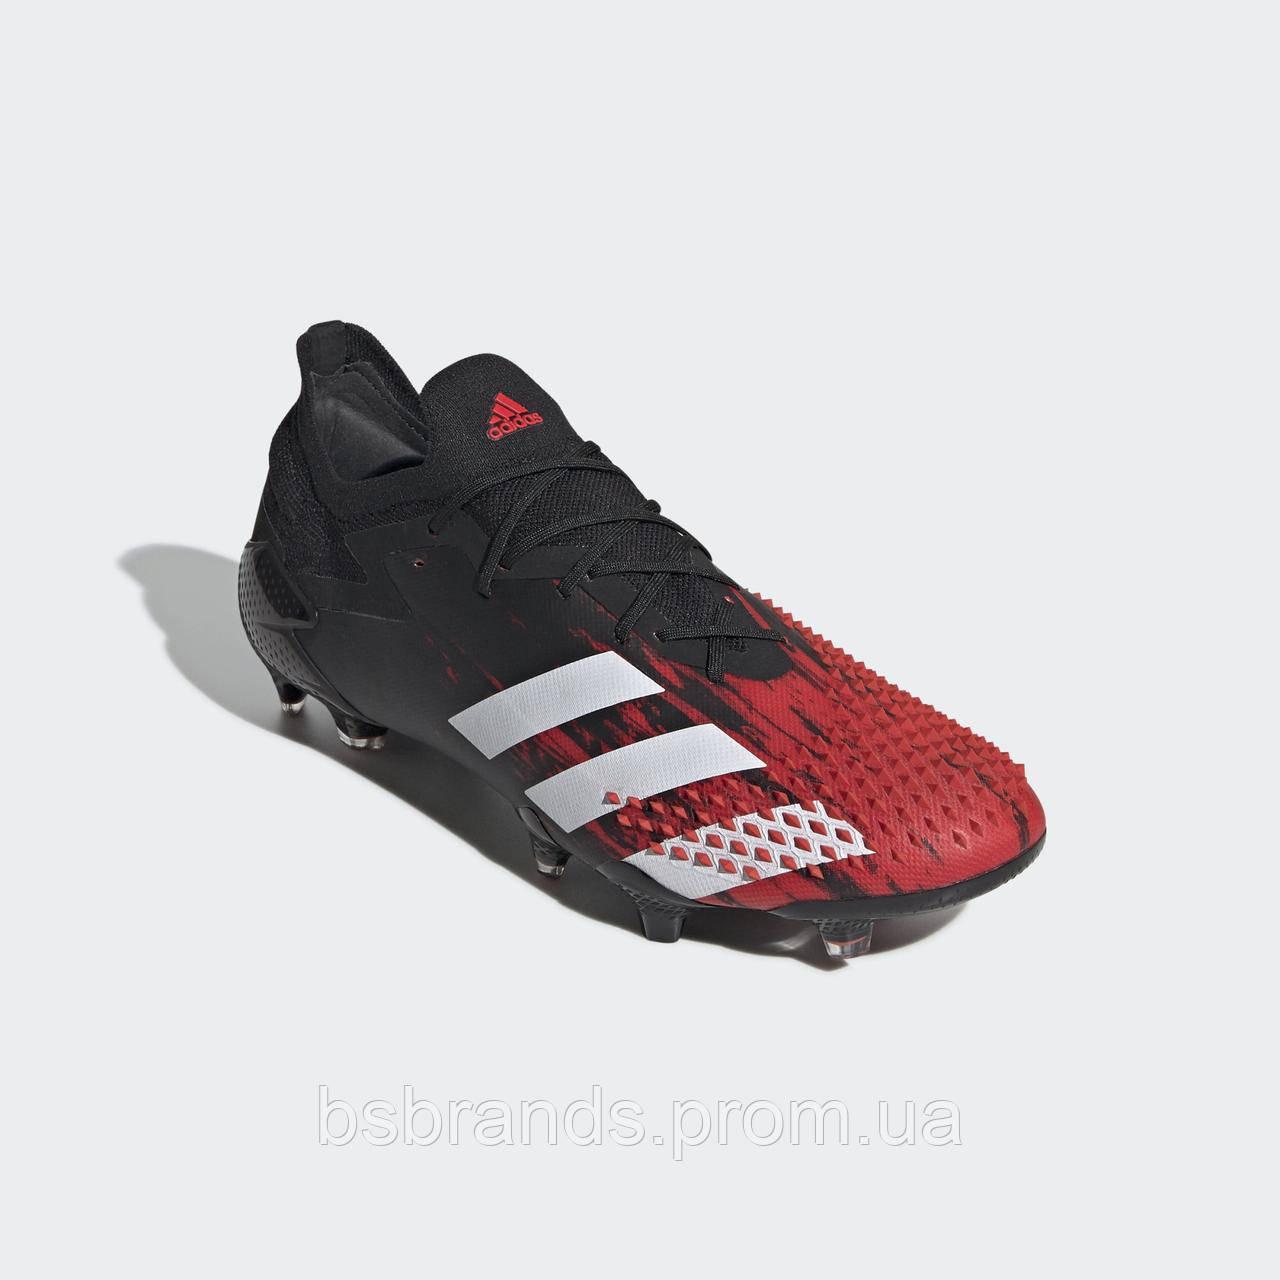 Мужские футбольные бутсы adidas Predator Mutator 20.1 FG EF2206 (2020/1)